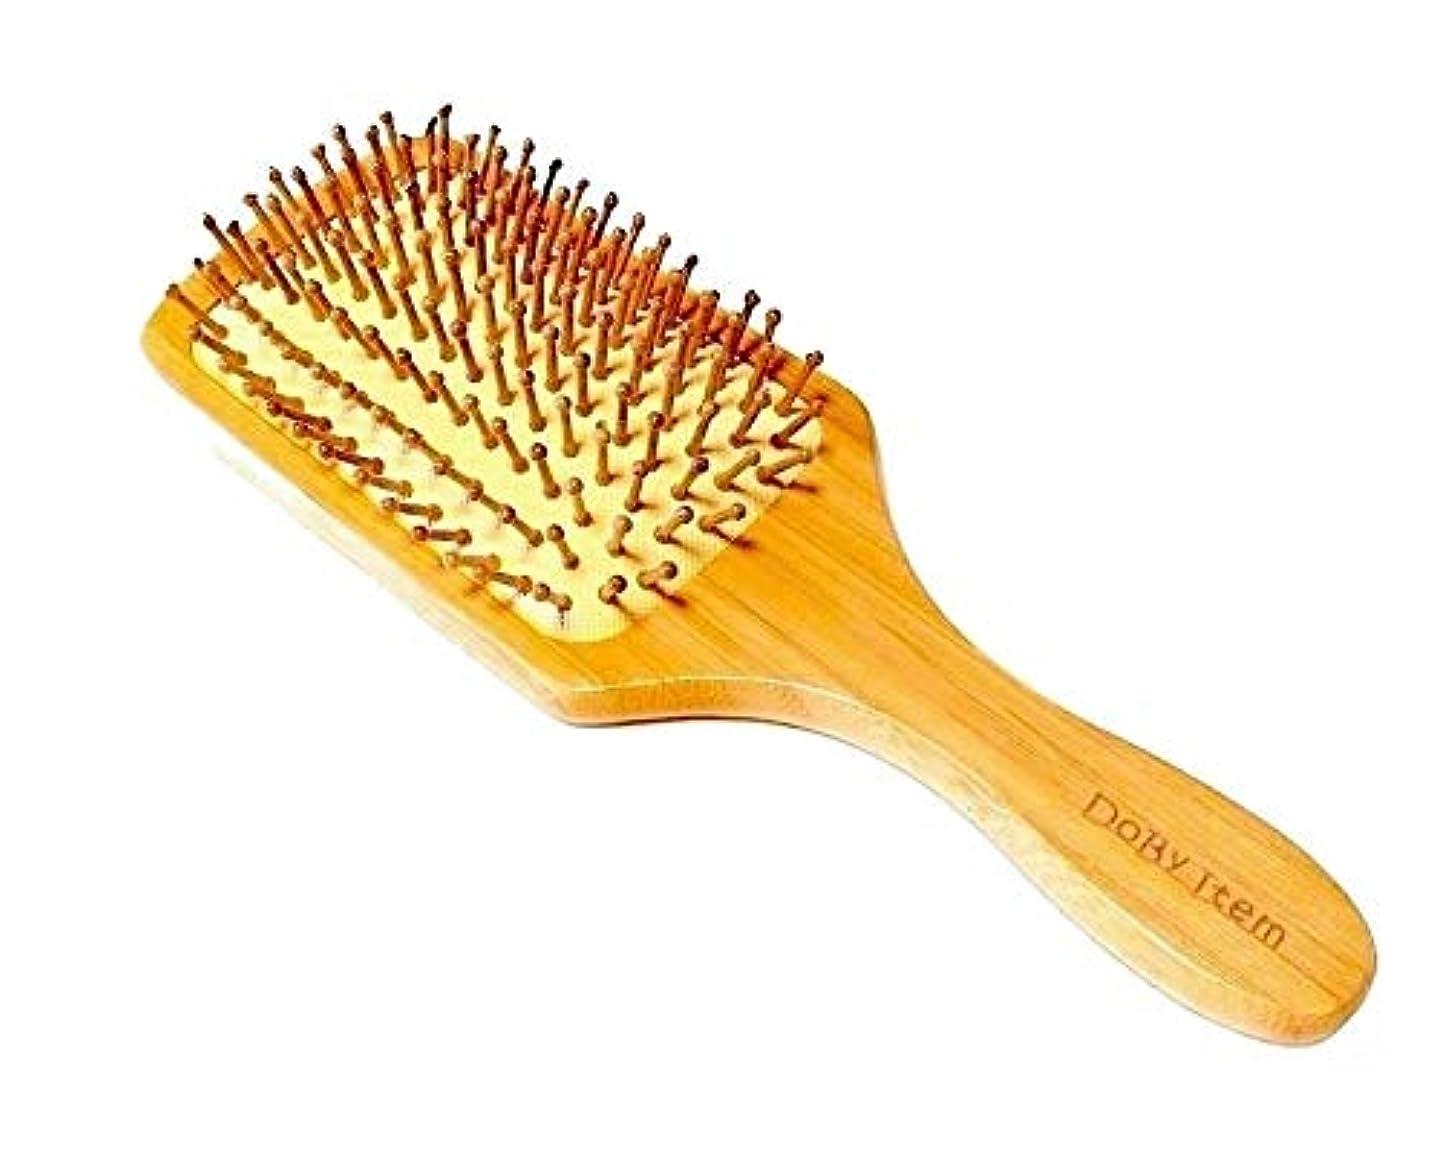 分析アルコールの面ではDobyitem 木製 ヘアブラシ パドル ブラシ 頭皮マッサージ 美髪効果 (大きめブラシ&クリーナーセット)